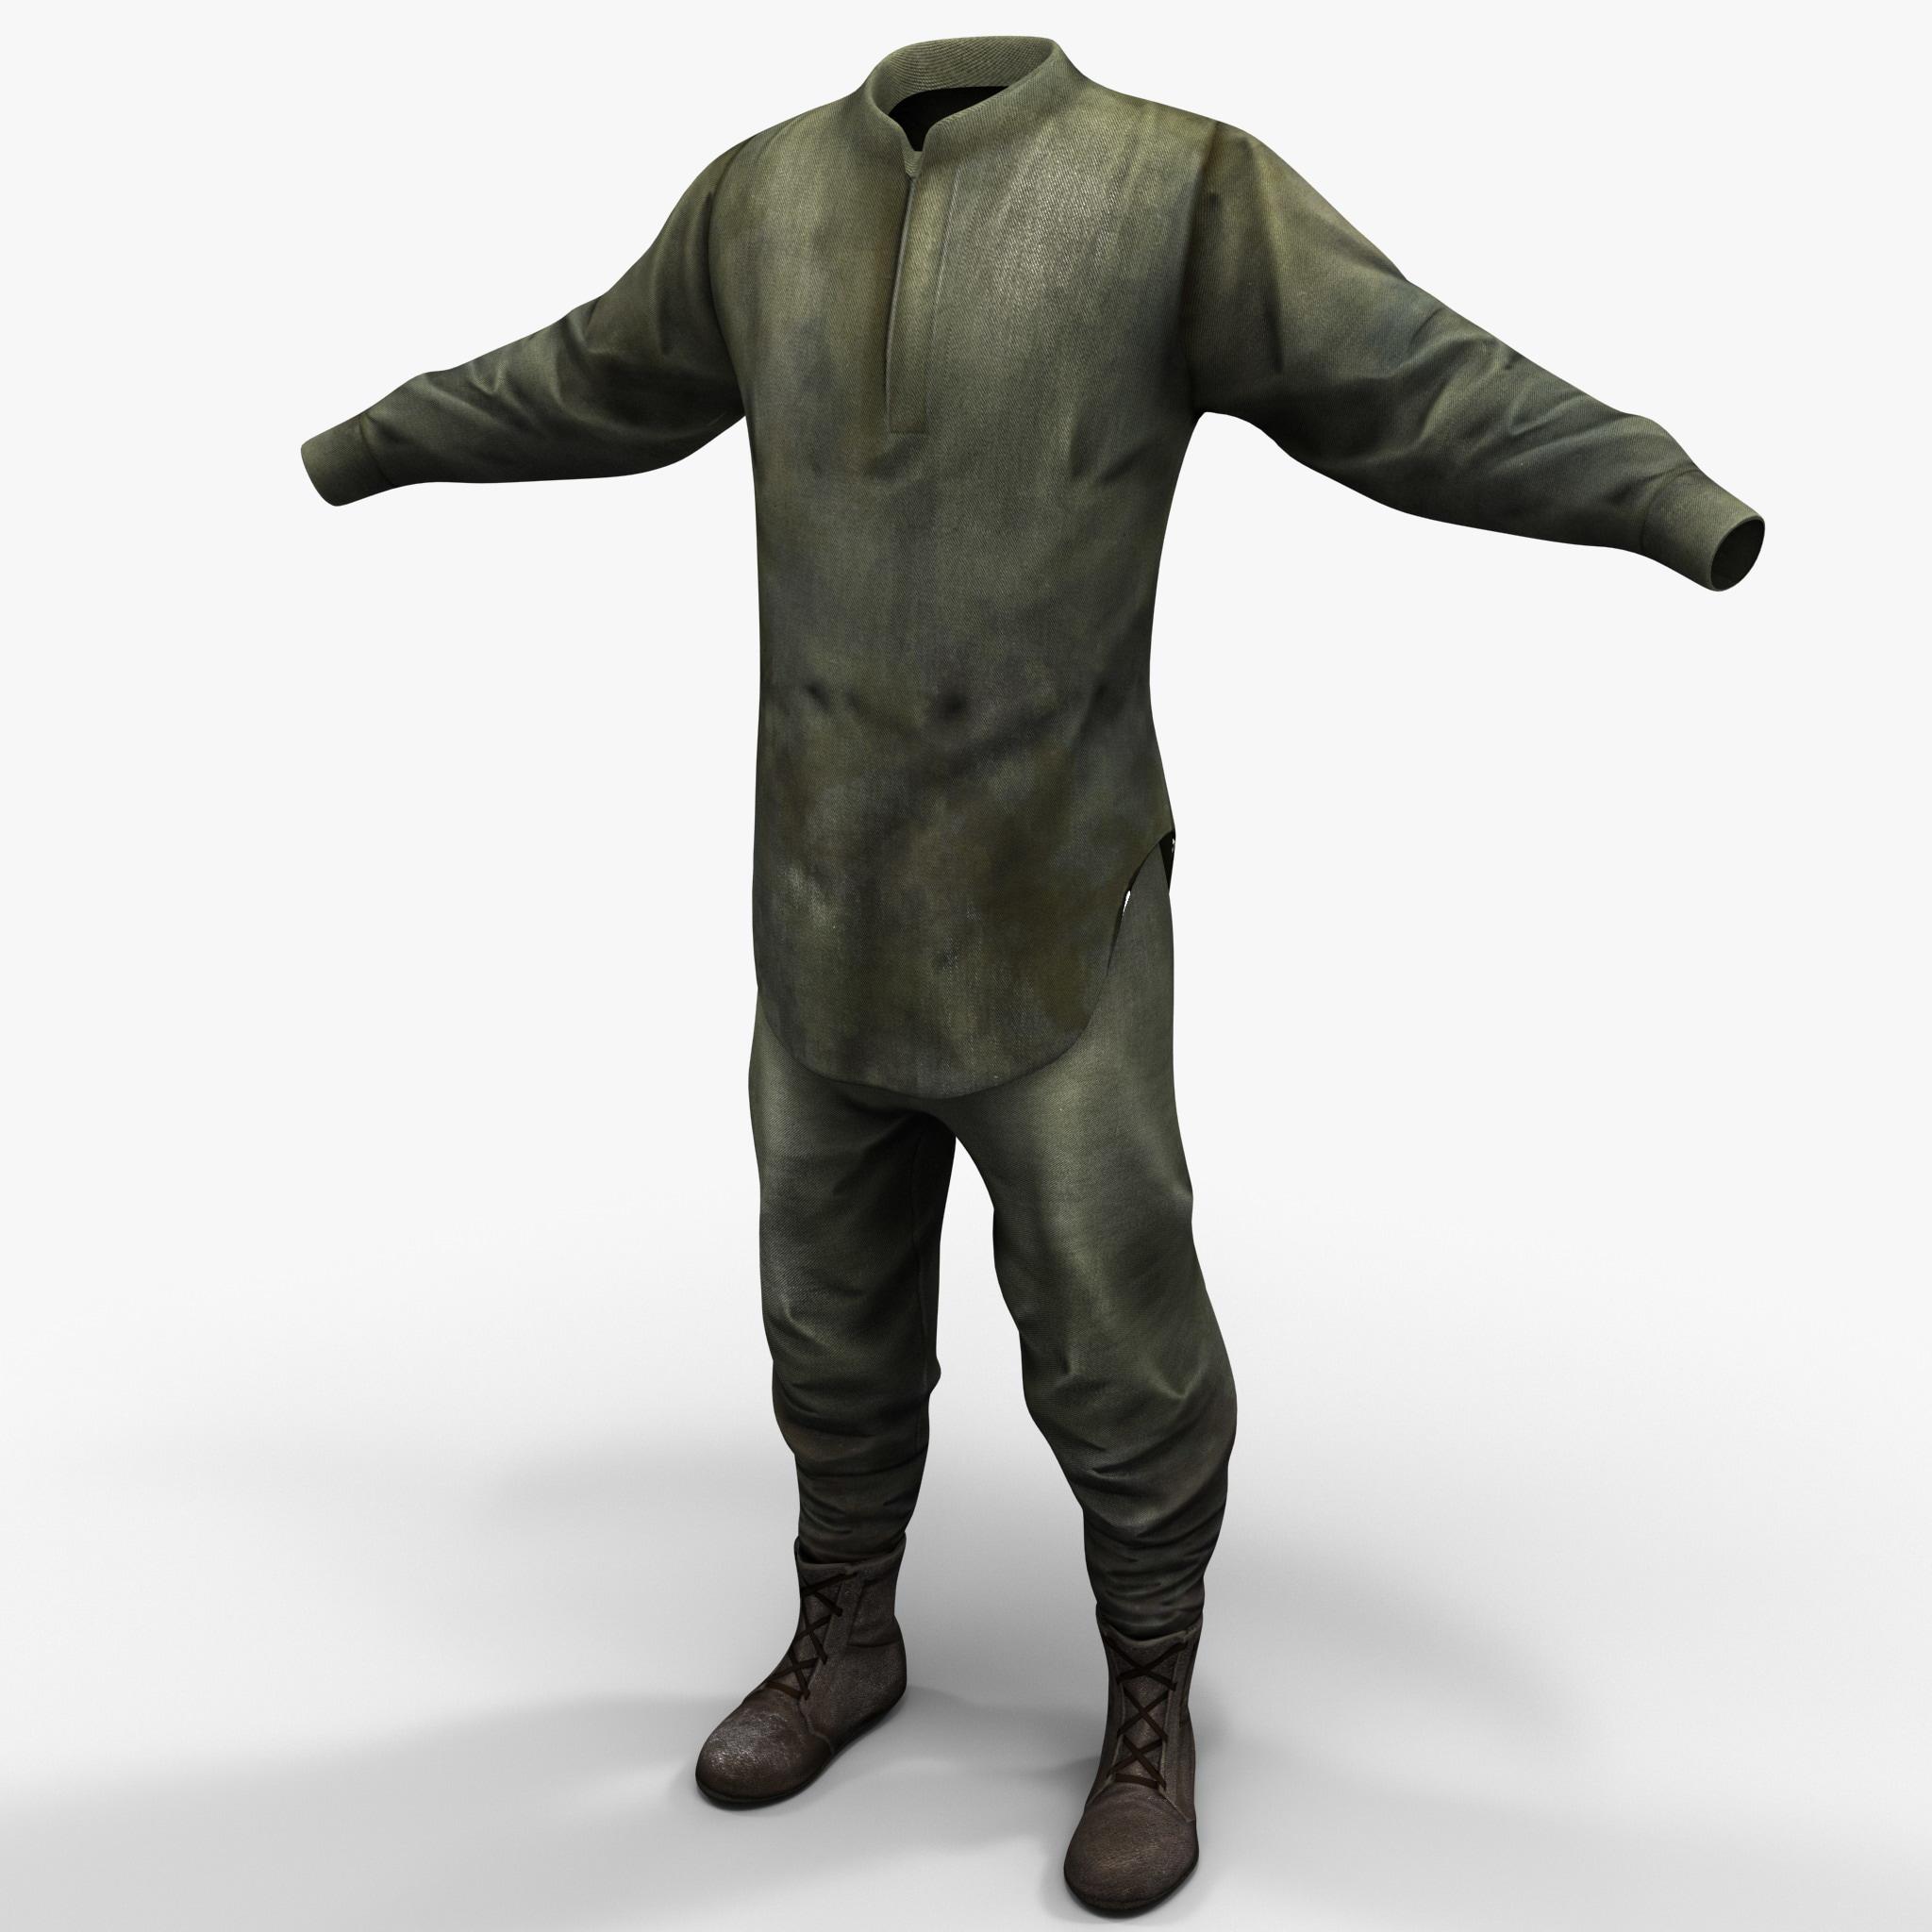 Guerrilla Soldier Clothes 2